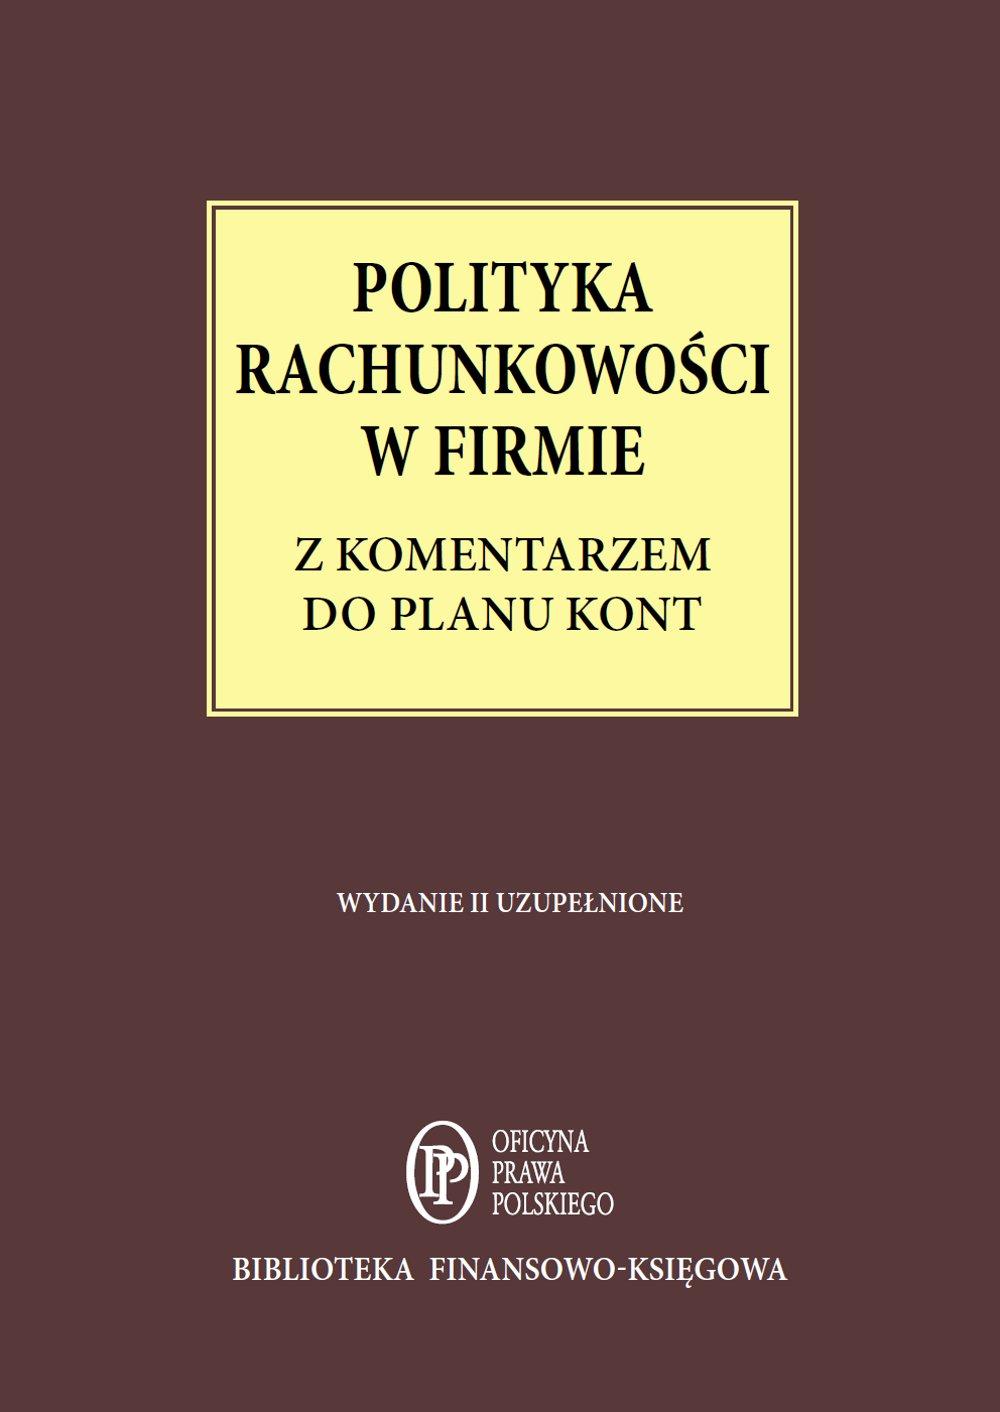 Polityka Rachunkowości w firmie z komentarzem do planu kont - stan prawny: 1 maja 2014 r. - Ebook (Książka na Kindle) do pobrania w formacie MOBI